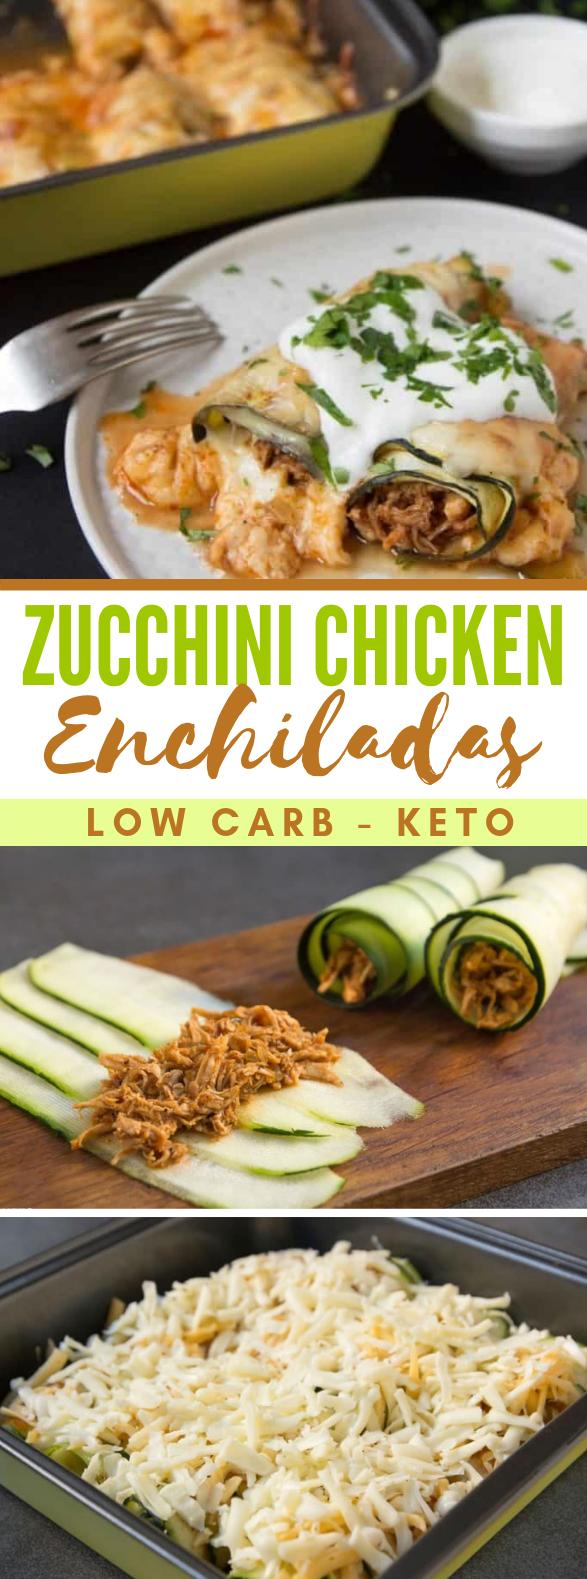 Keto Zucchini Chicken Enchiladas #mexicanfood #lowcarb